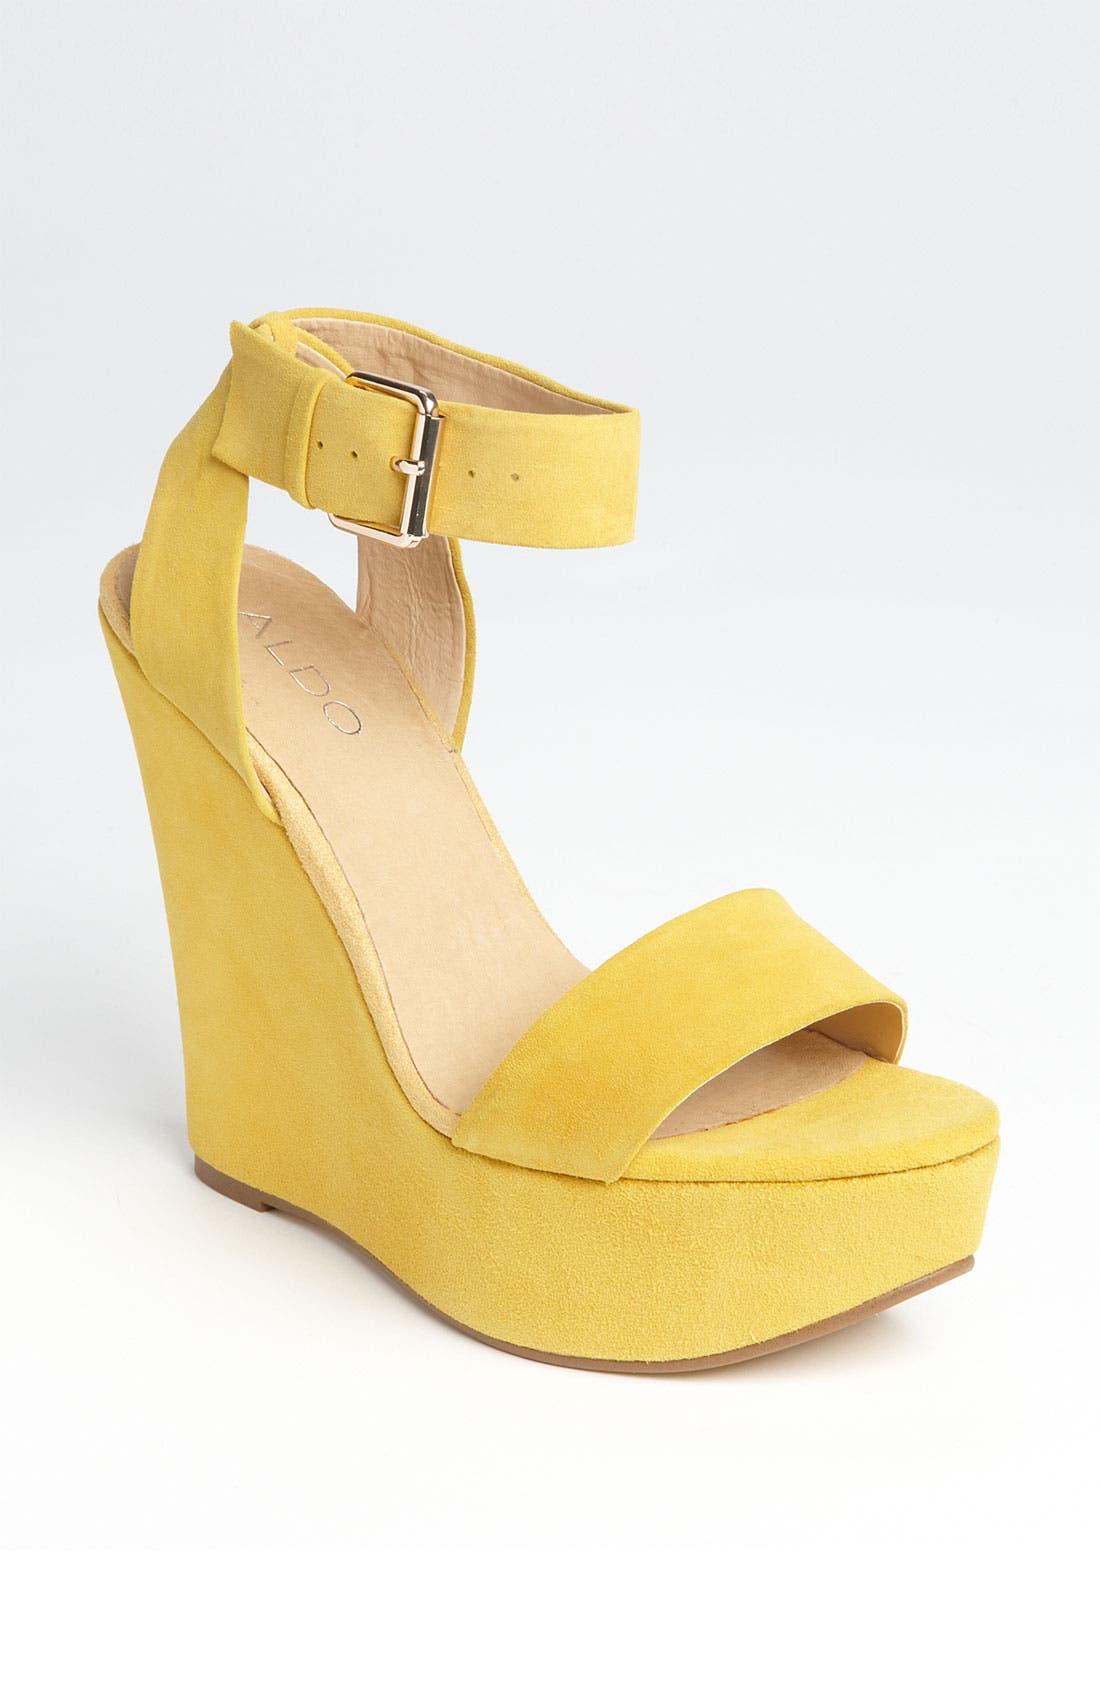 Alternate Image 1 Selected - ALDO 'Harvat' Platform Sandal